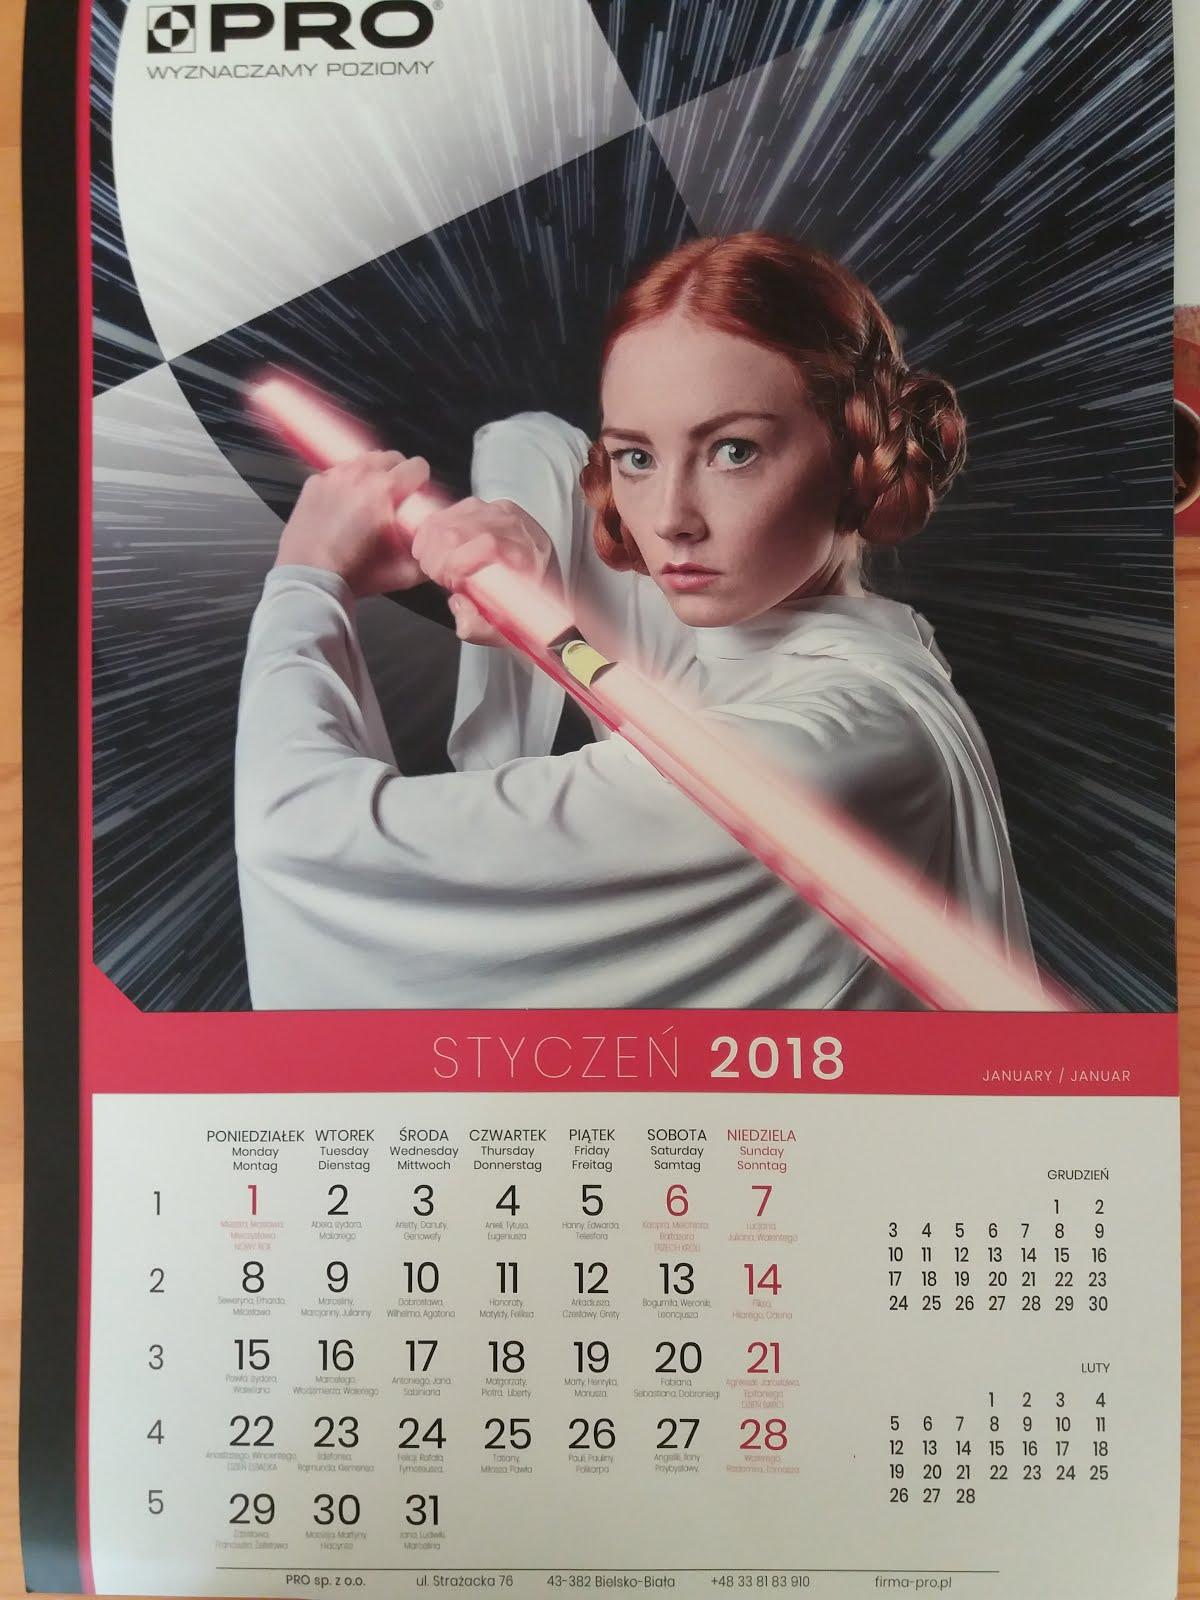 Kartka z kalendarza - styczeń